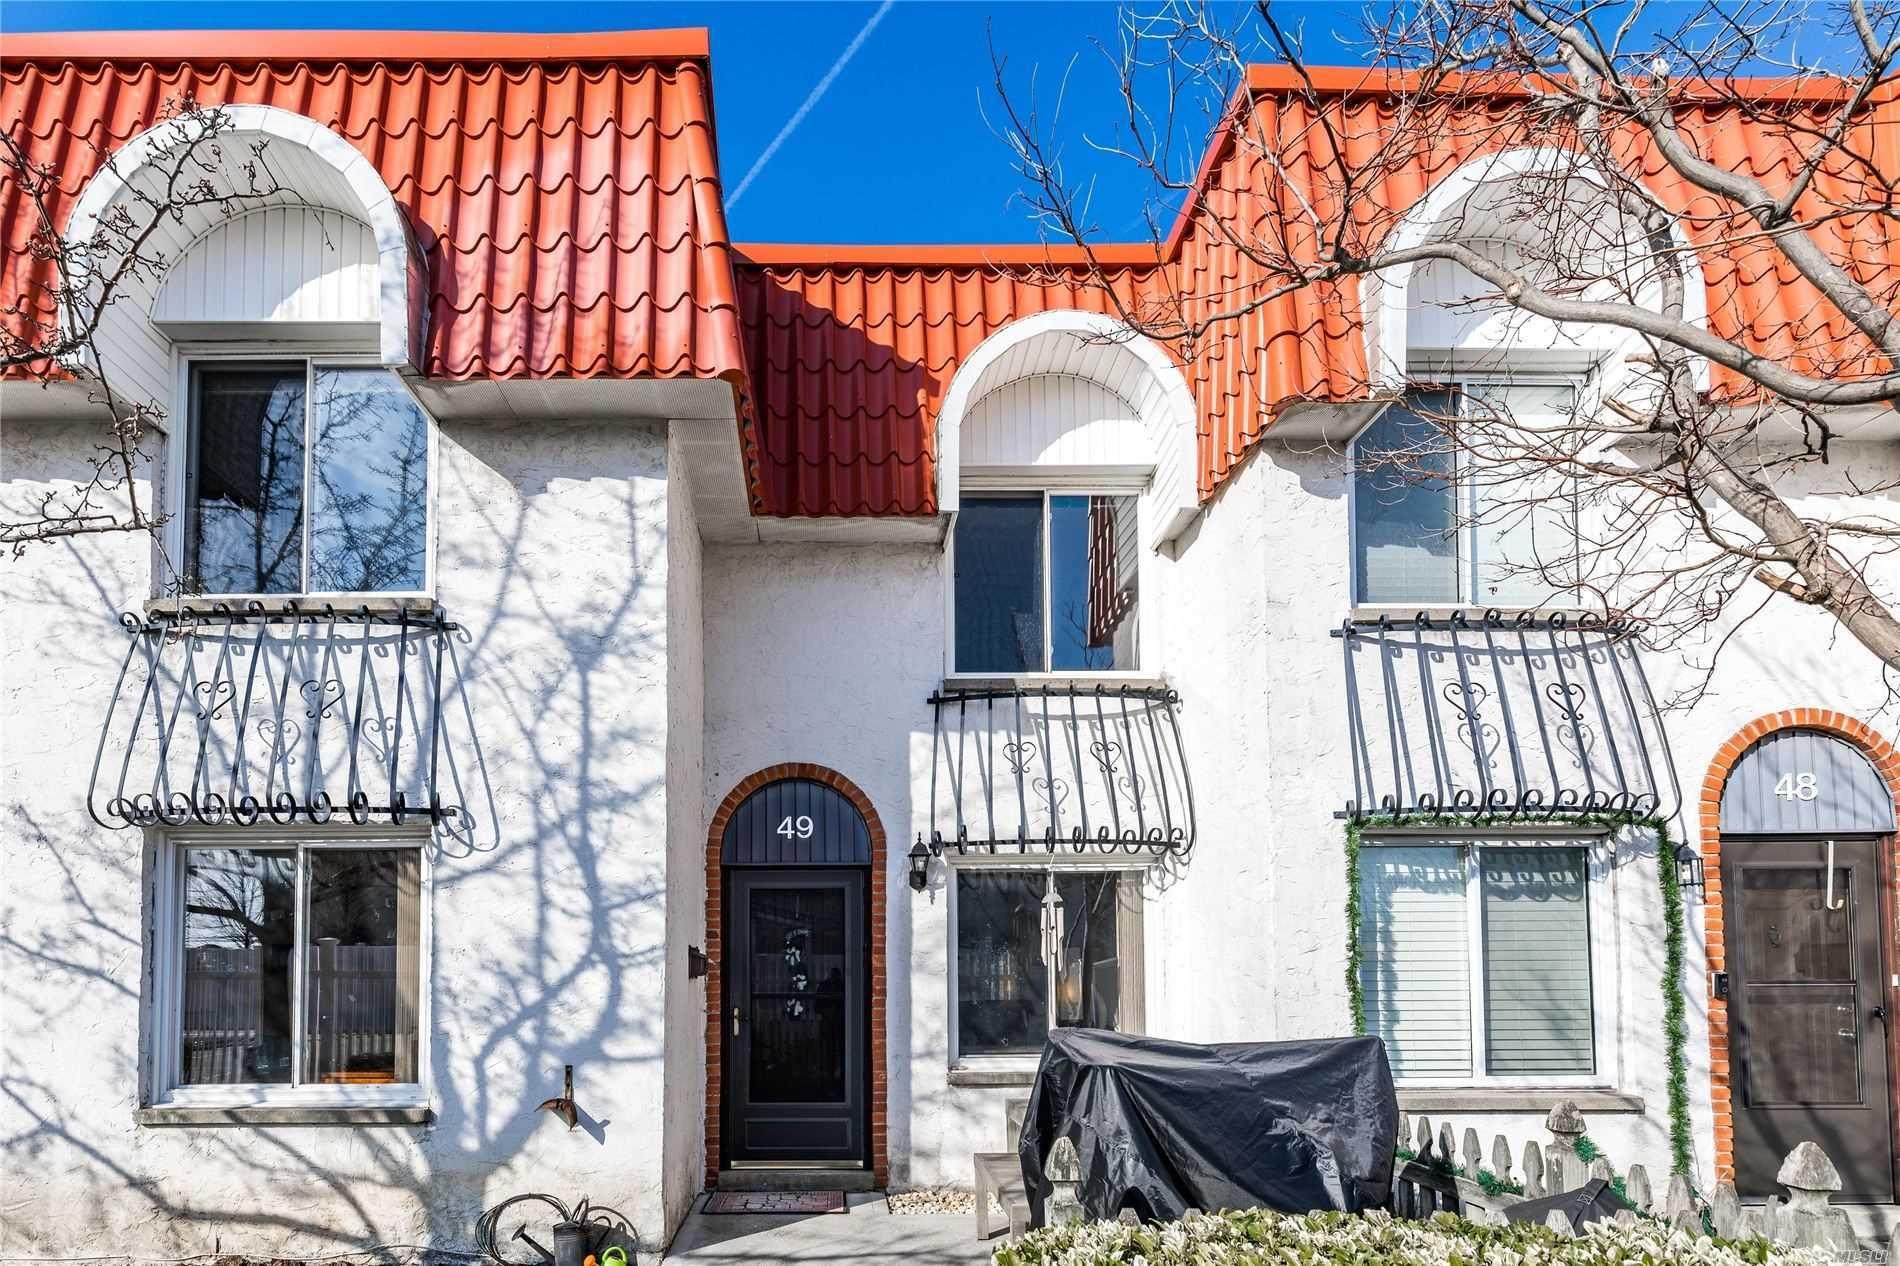 49 Alhambra Dr, Oceanside, NY 11572 - MLS#: 3204774